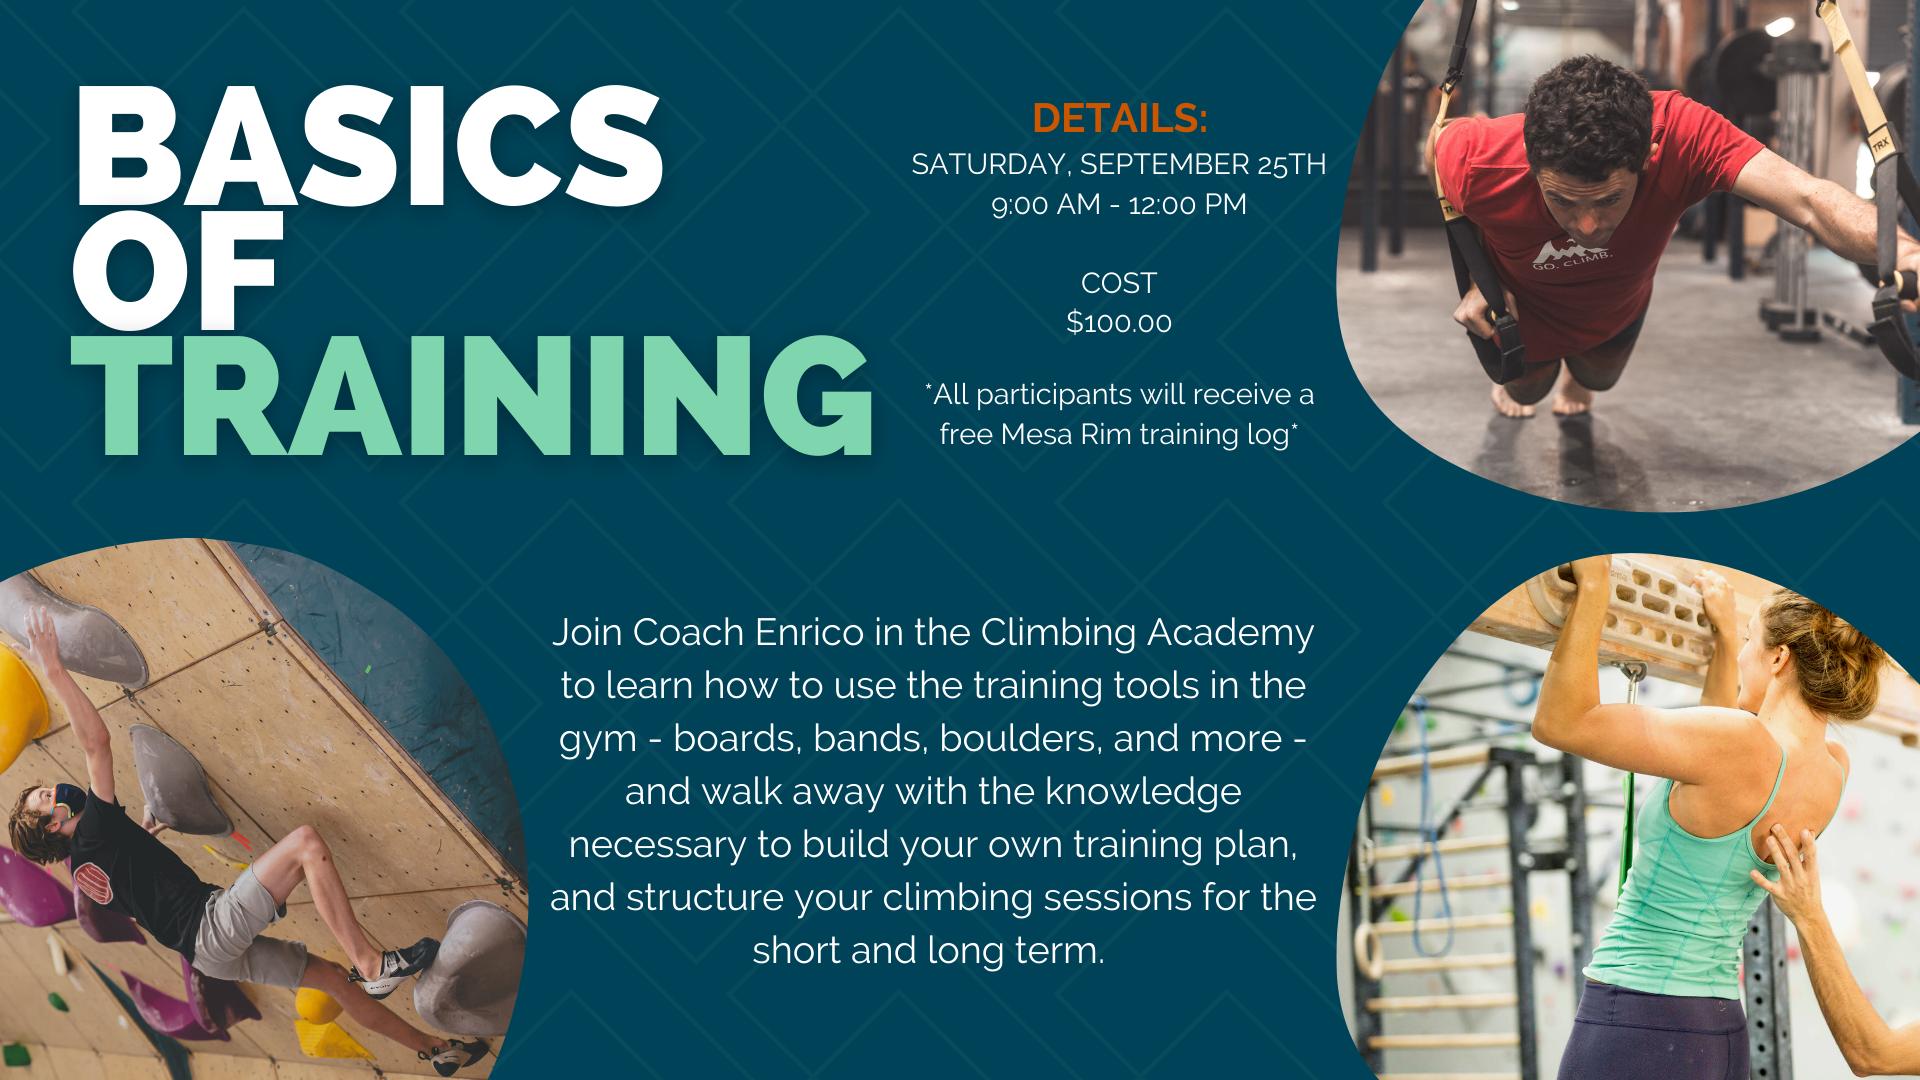 Basics of Training